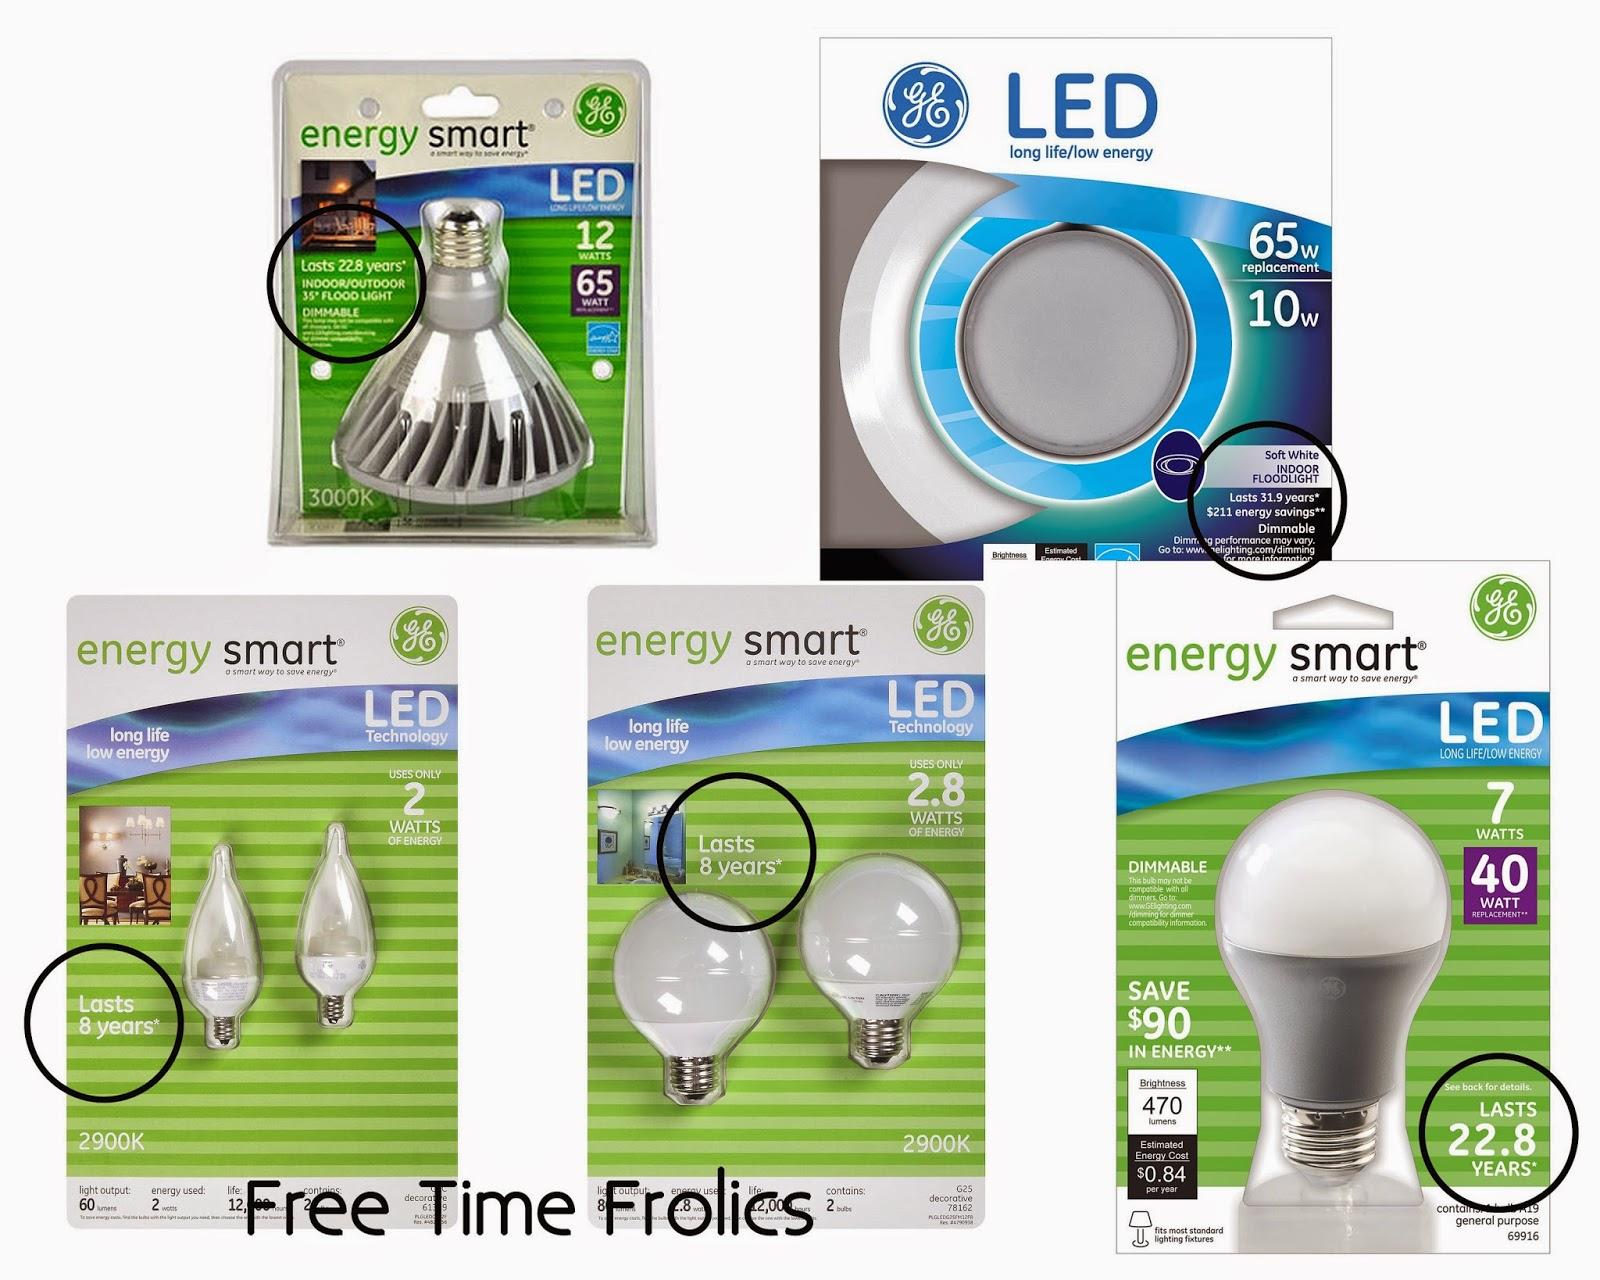 Energy Smart LED lighting www.freetimefrolics.com #shop #LEDSavings